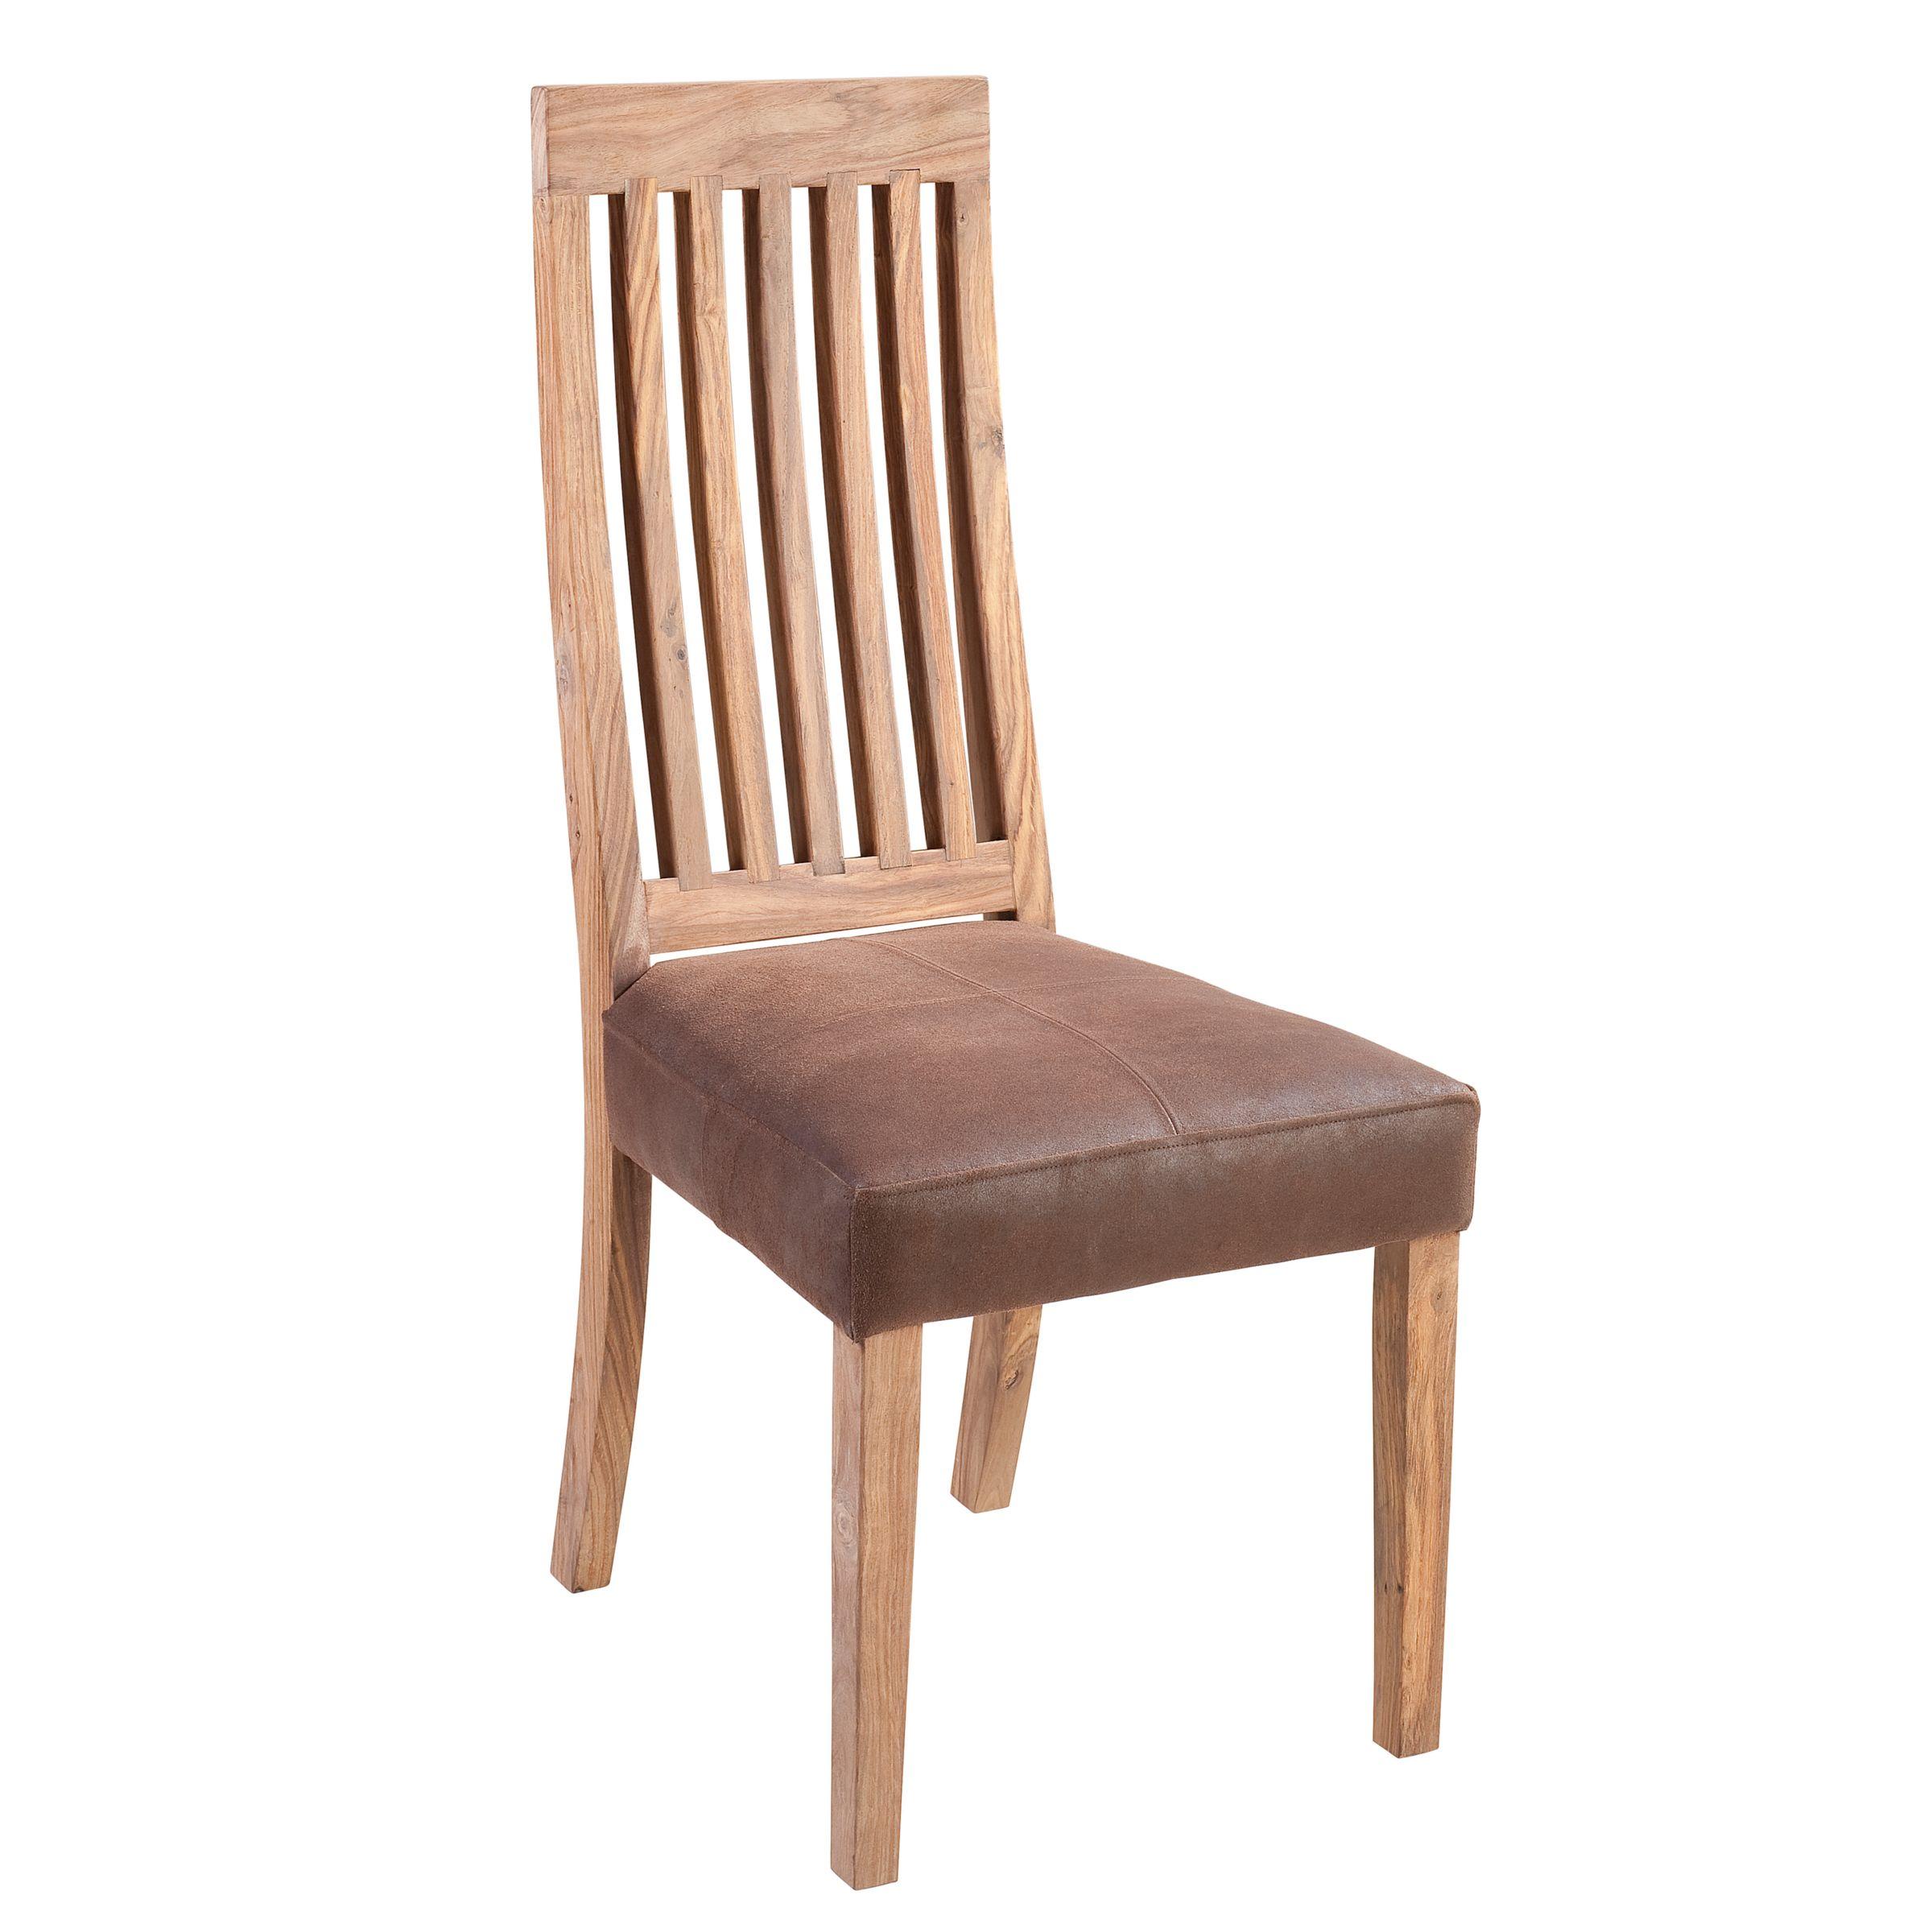 White apron john lewis - John Lewis Batamba Dining Chair At John Lewis